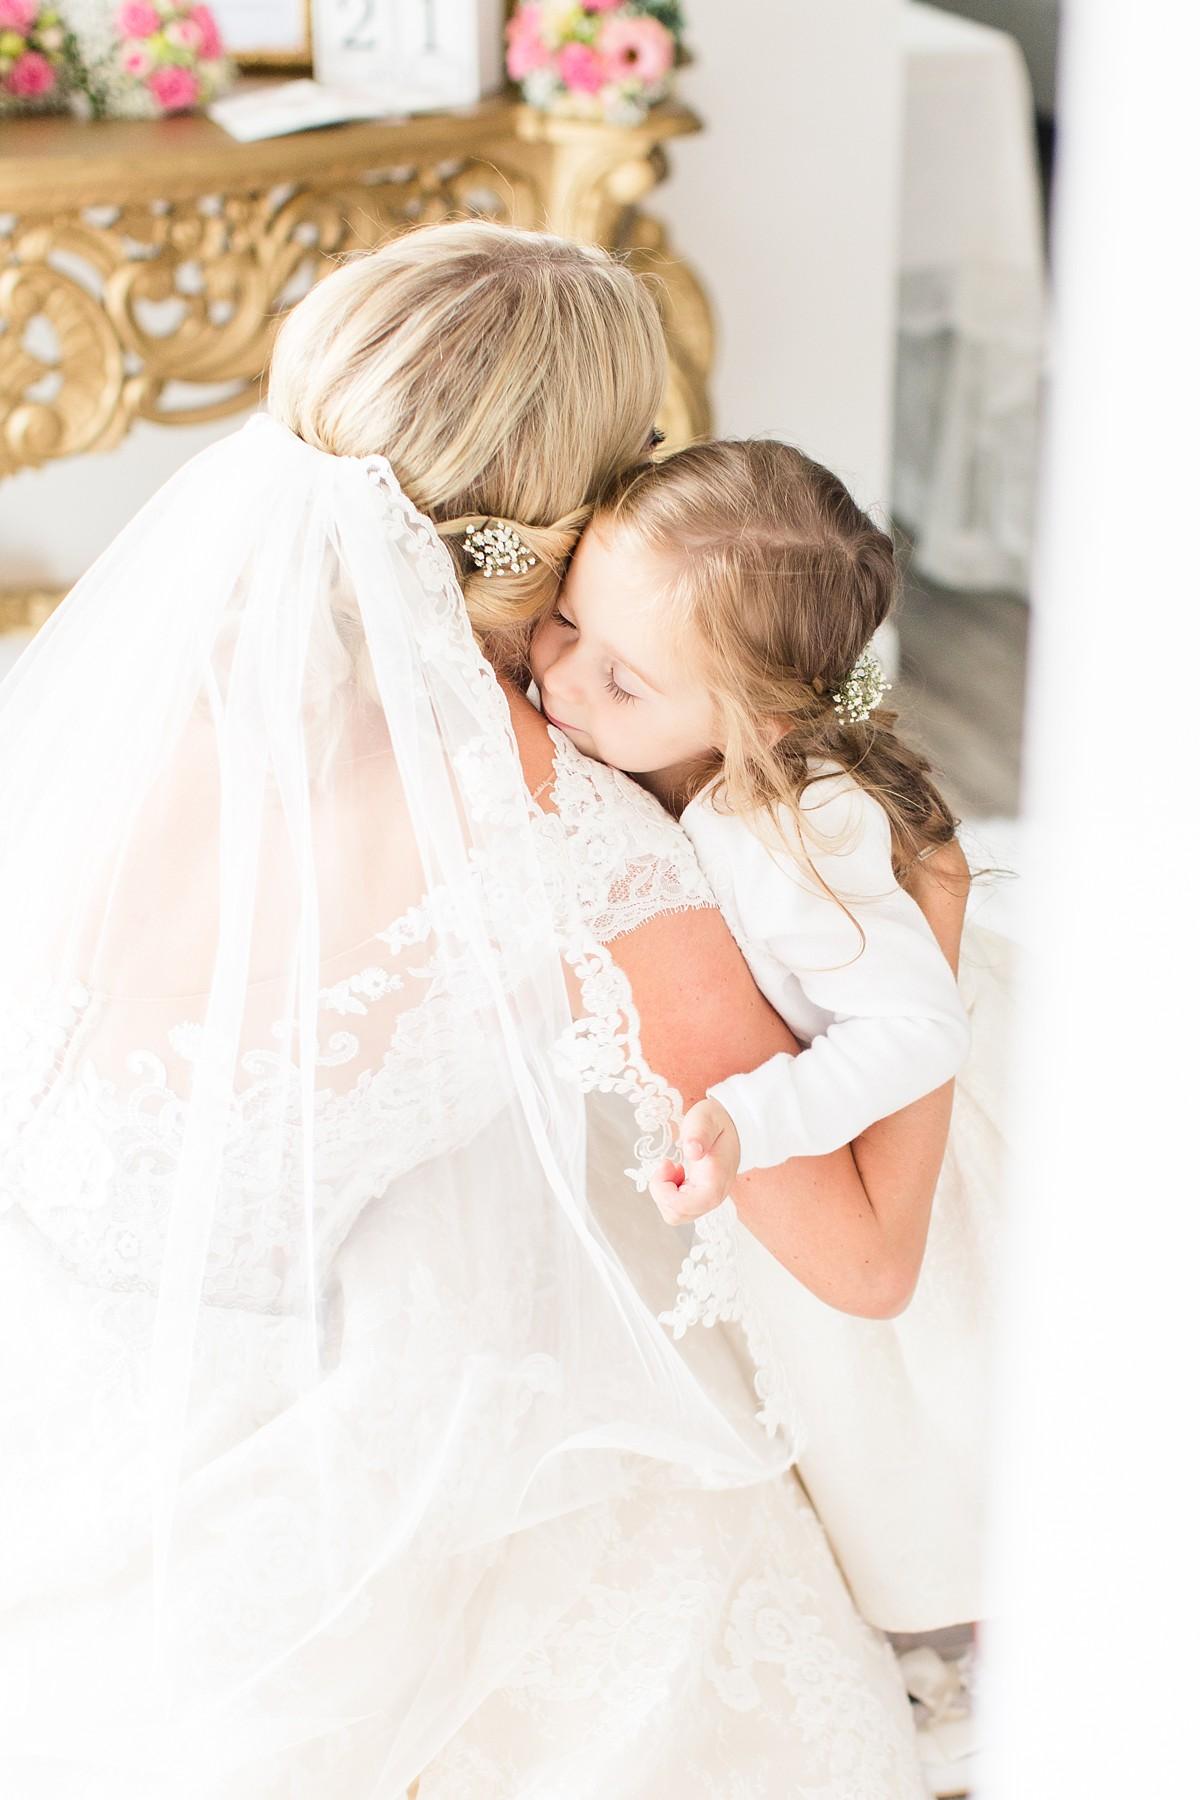 Hochzeitsfotograf-Herford-van-Laer-Fotograf-Hochzeit-Nrw_0017